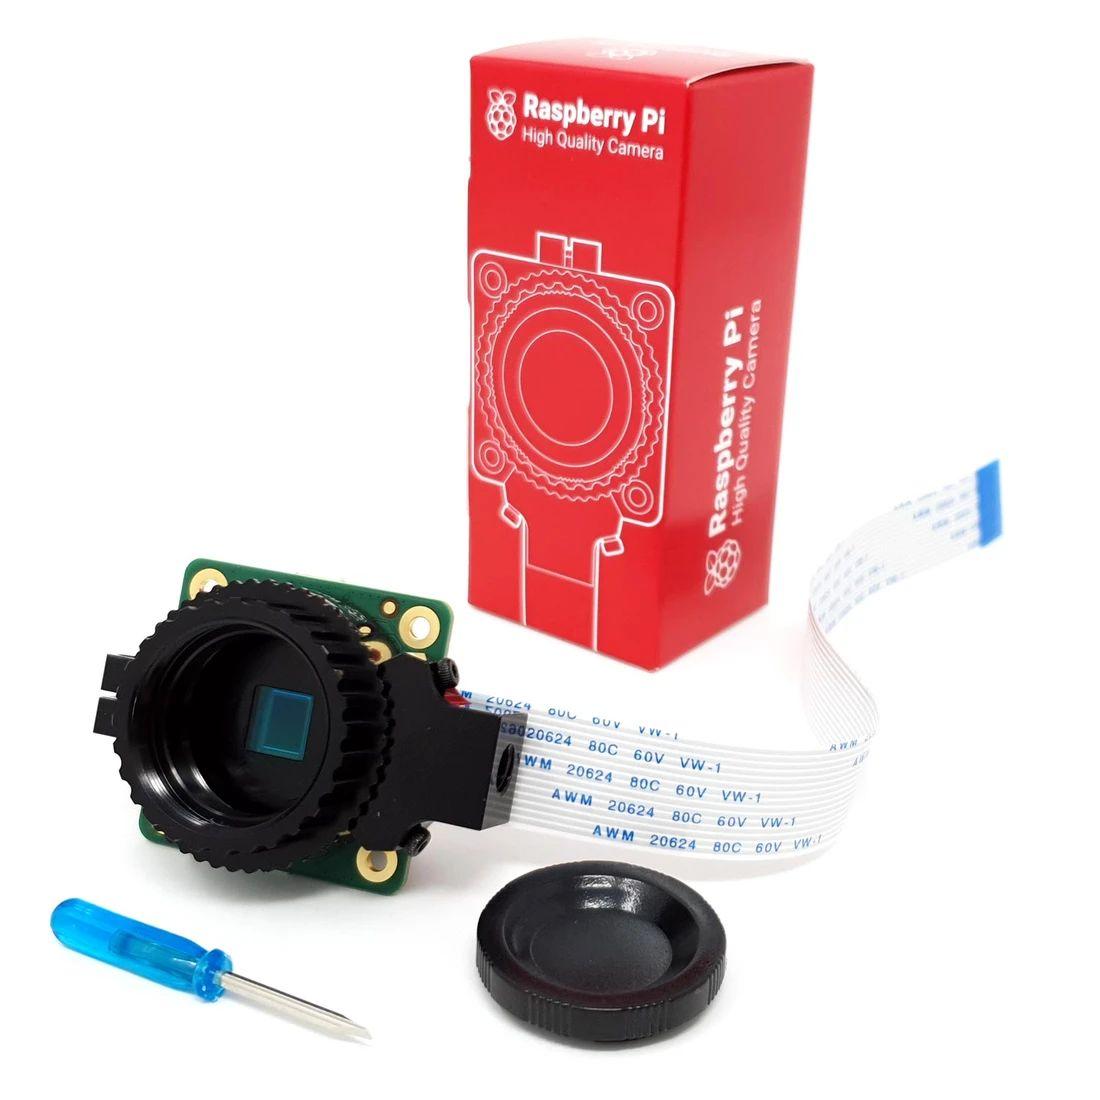 HQ 相機一套包括相機模組、 連接 RPi 的 FPC 線、用來調校的螺絲批和防塵蓋。